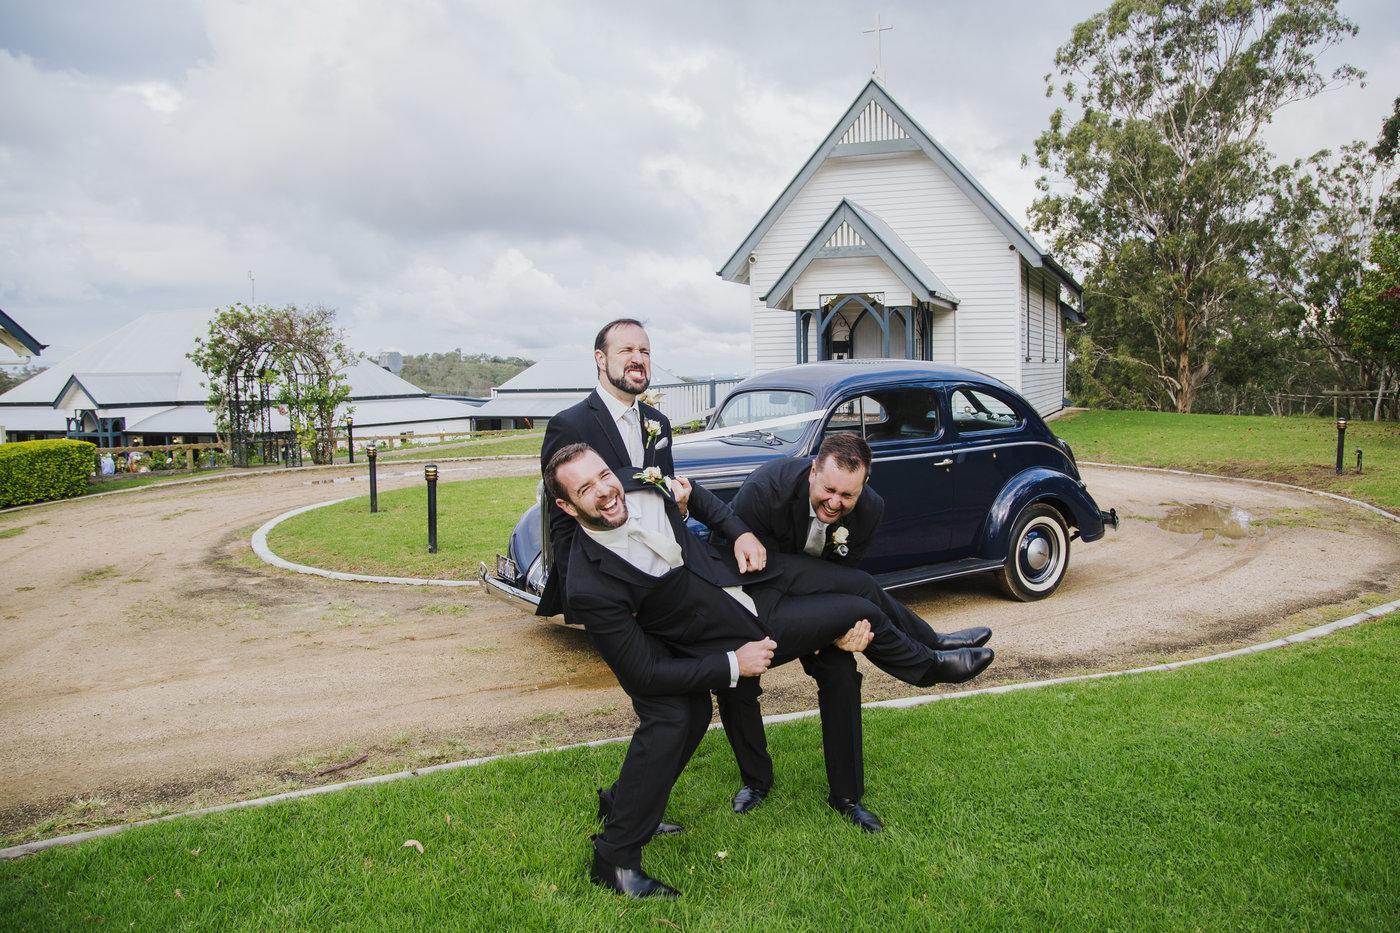 Wedding Photography groom with groomsmen